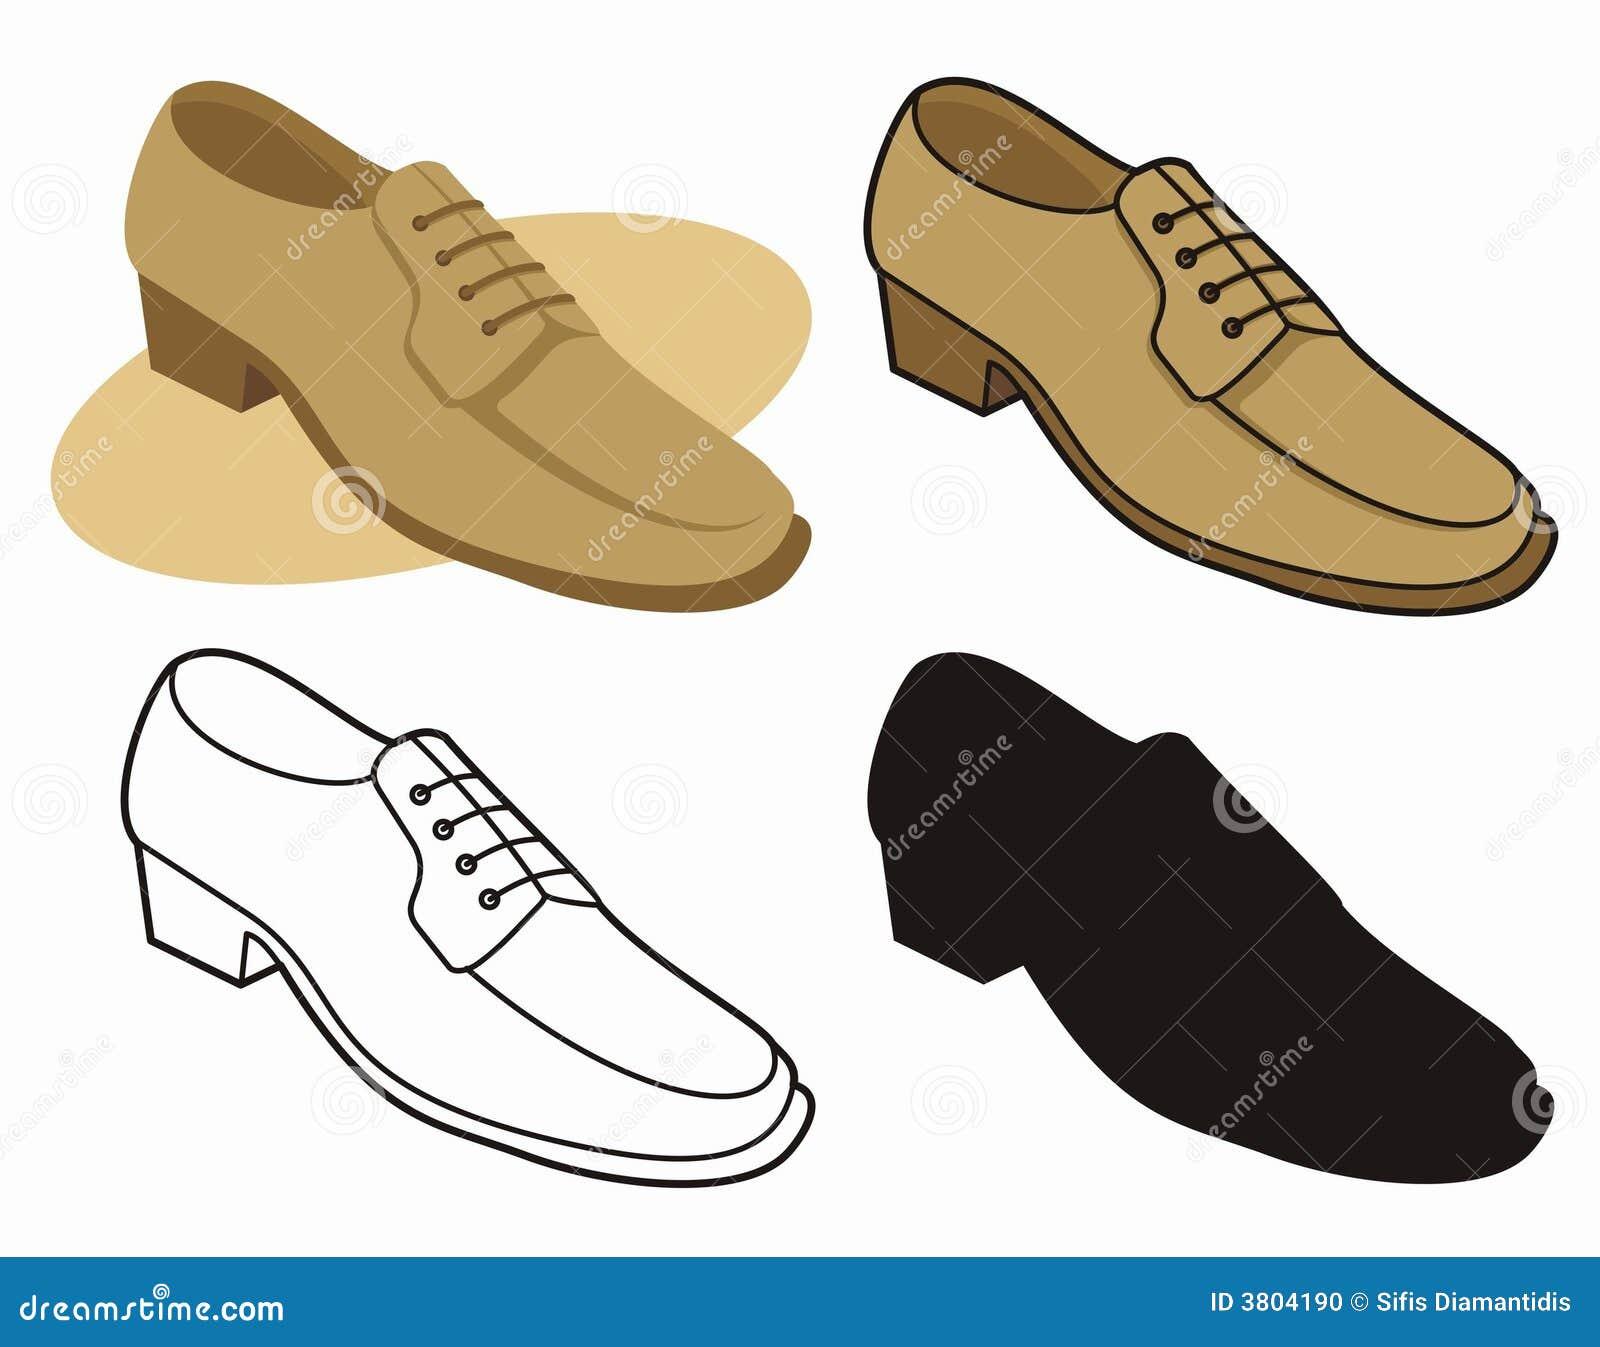 Male shoe 1